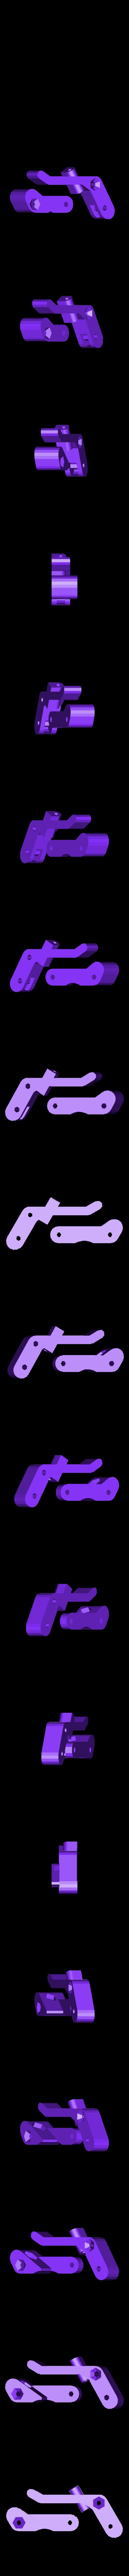 extruder_v2.stl Télécharger fichier STL gratuit Extrudeuse minimaliste MK7 avec petit driver filamentaire • Plan à imprimer en 3D, Kellywatchthestars